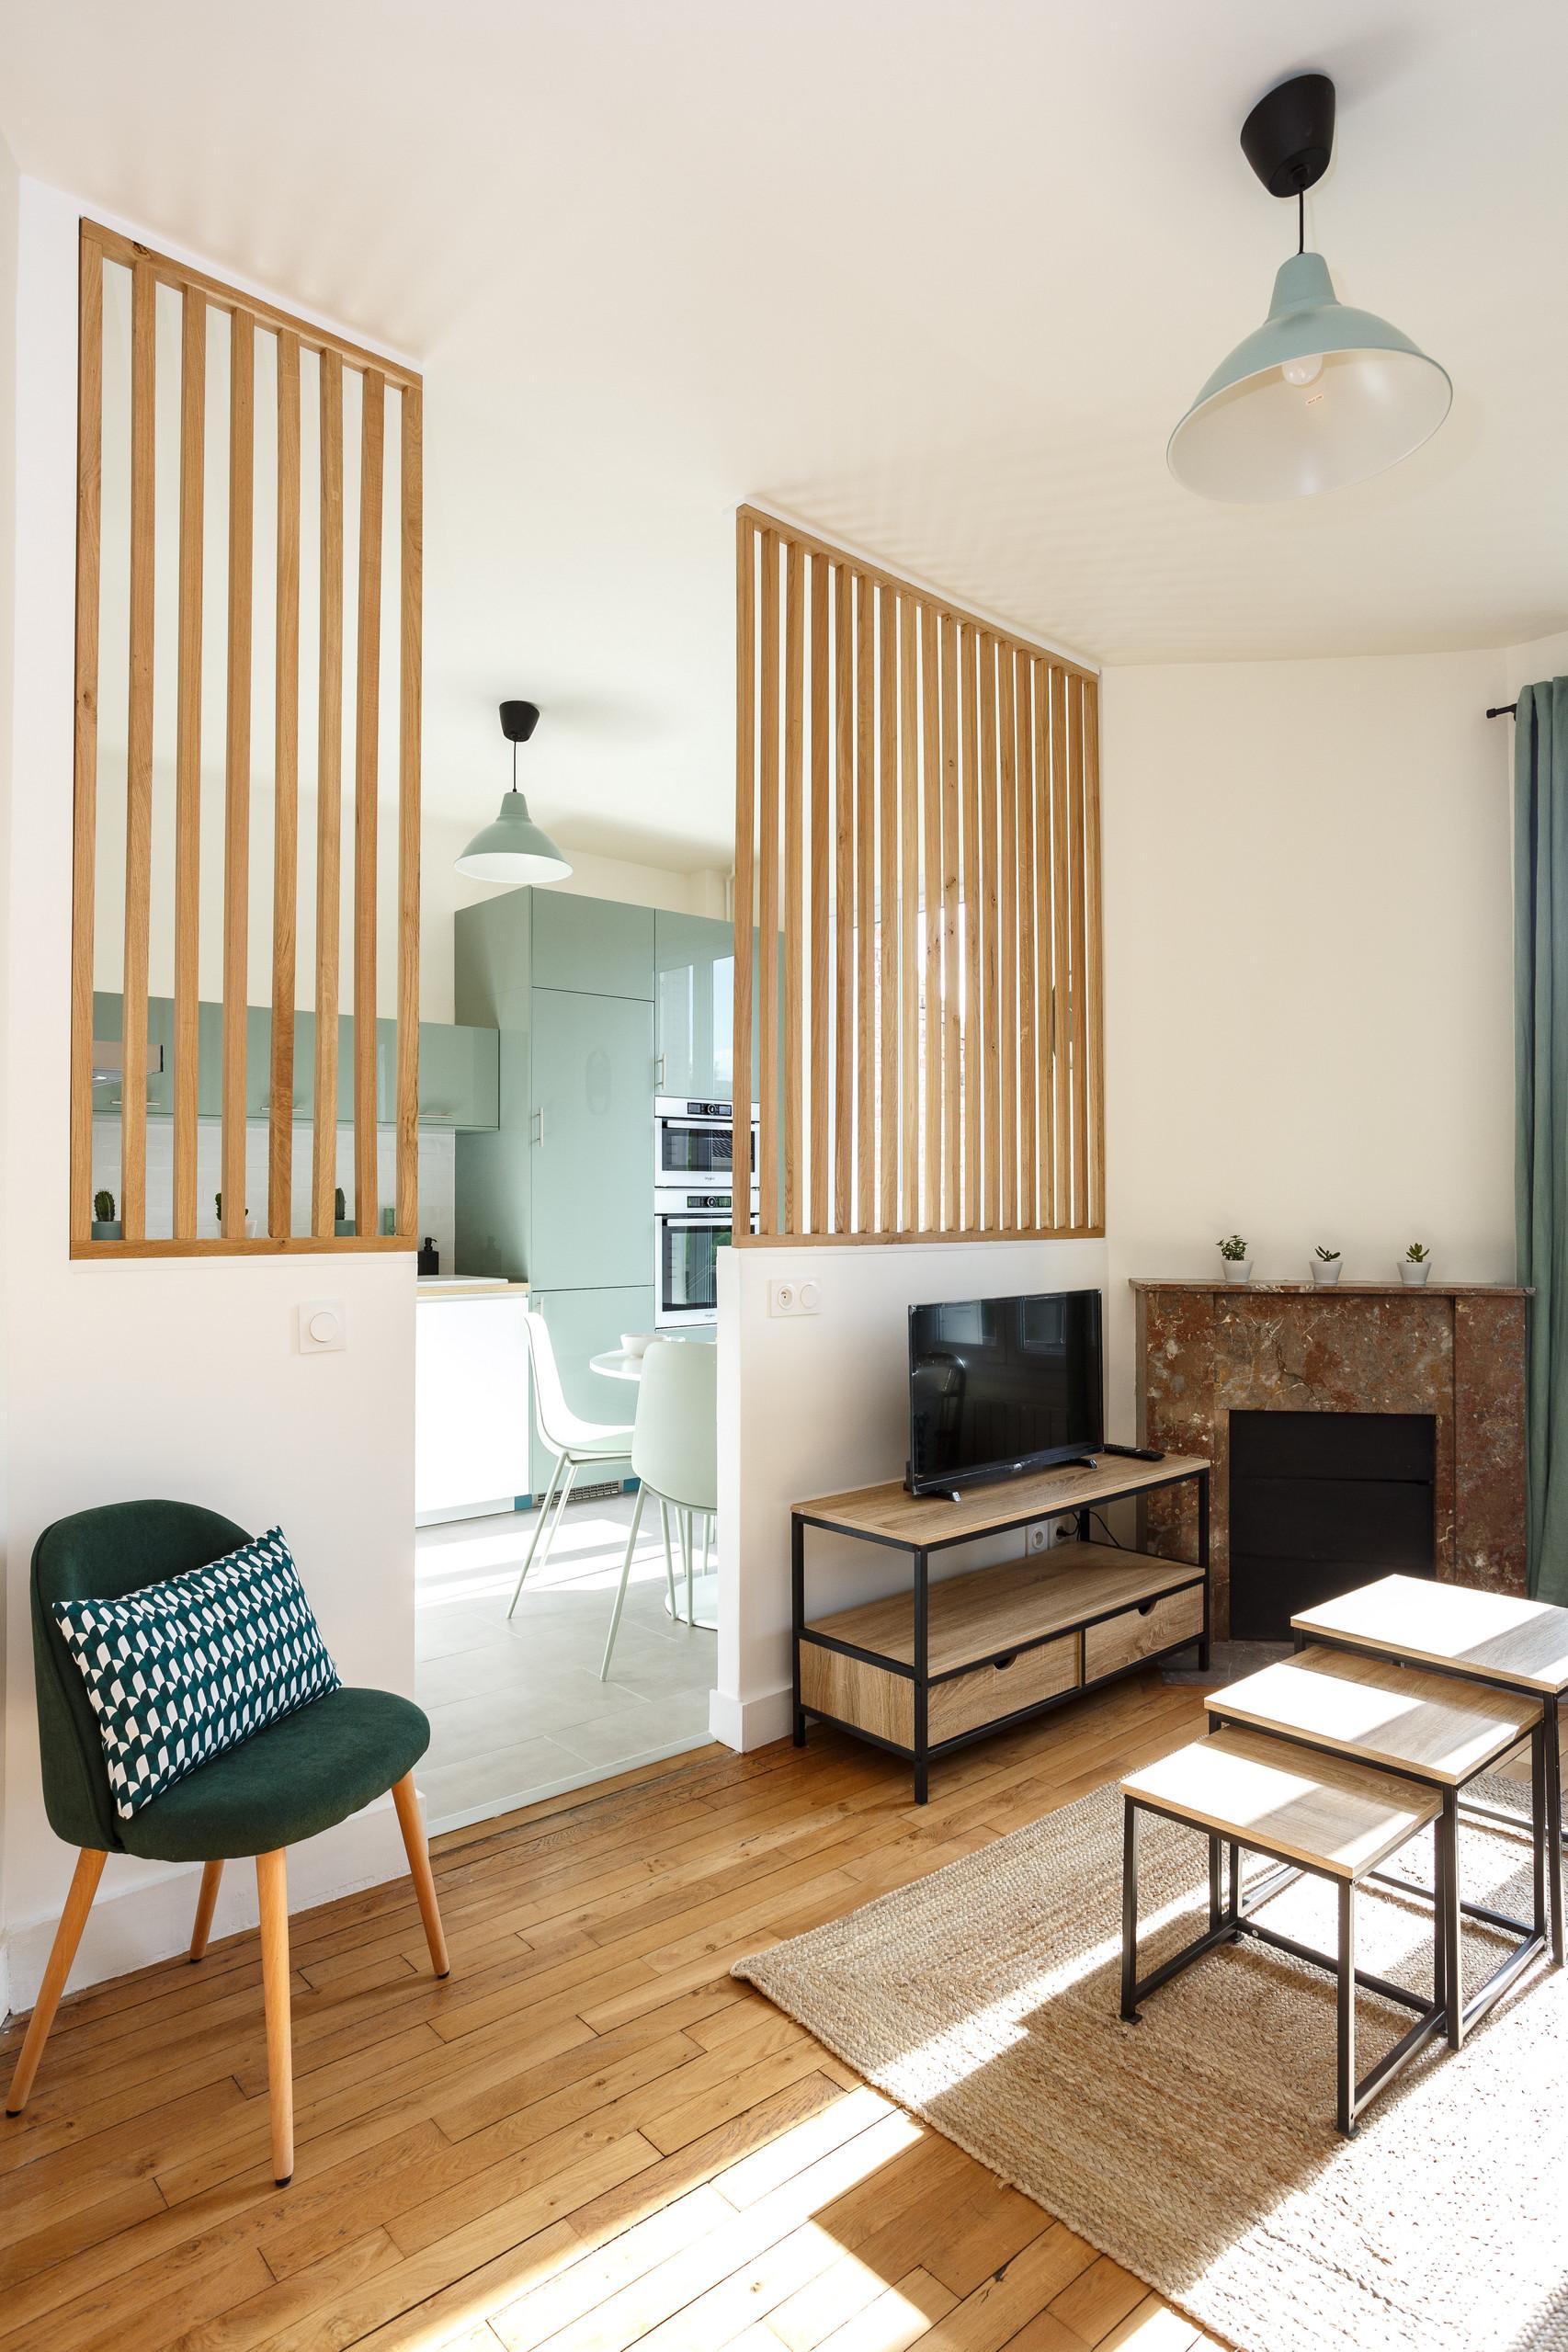 Création d'un claustra pour séparer cuisine et salon